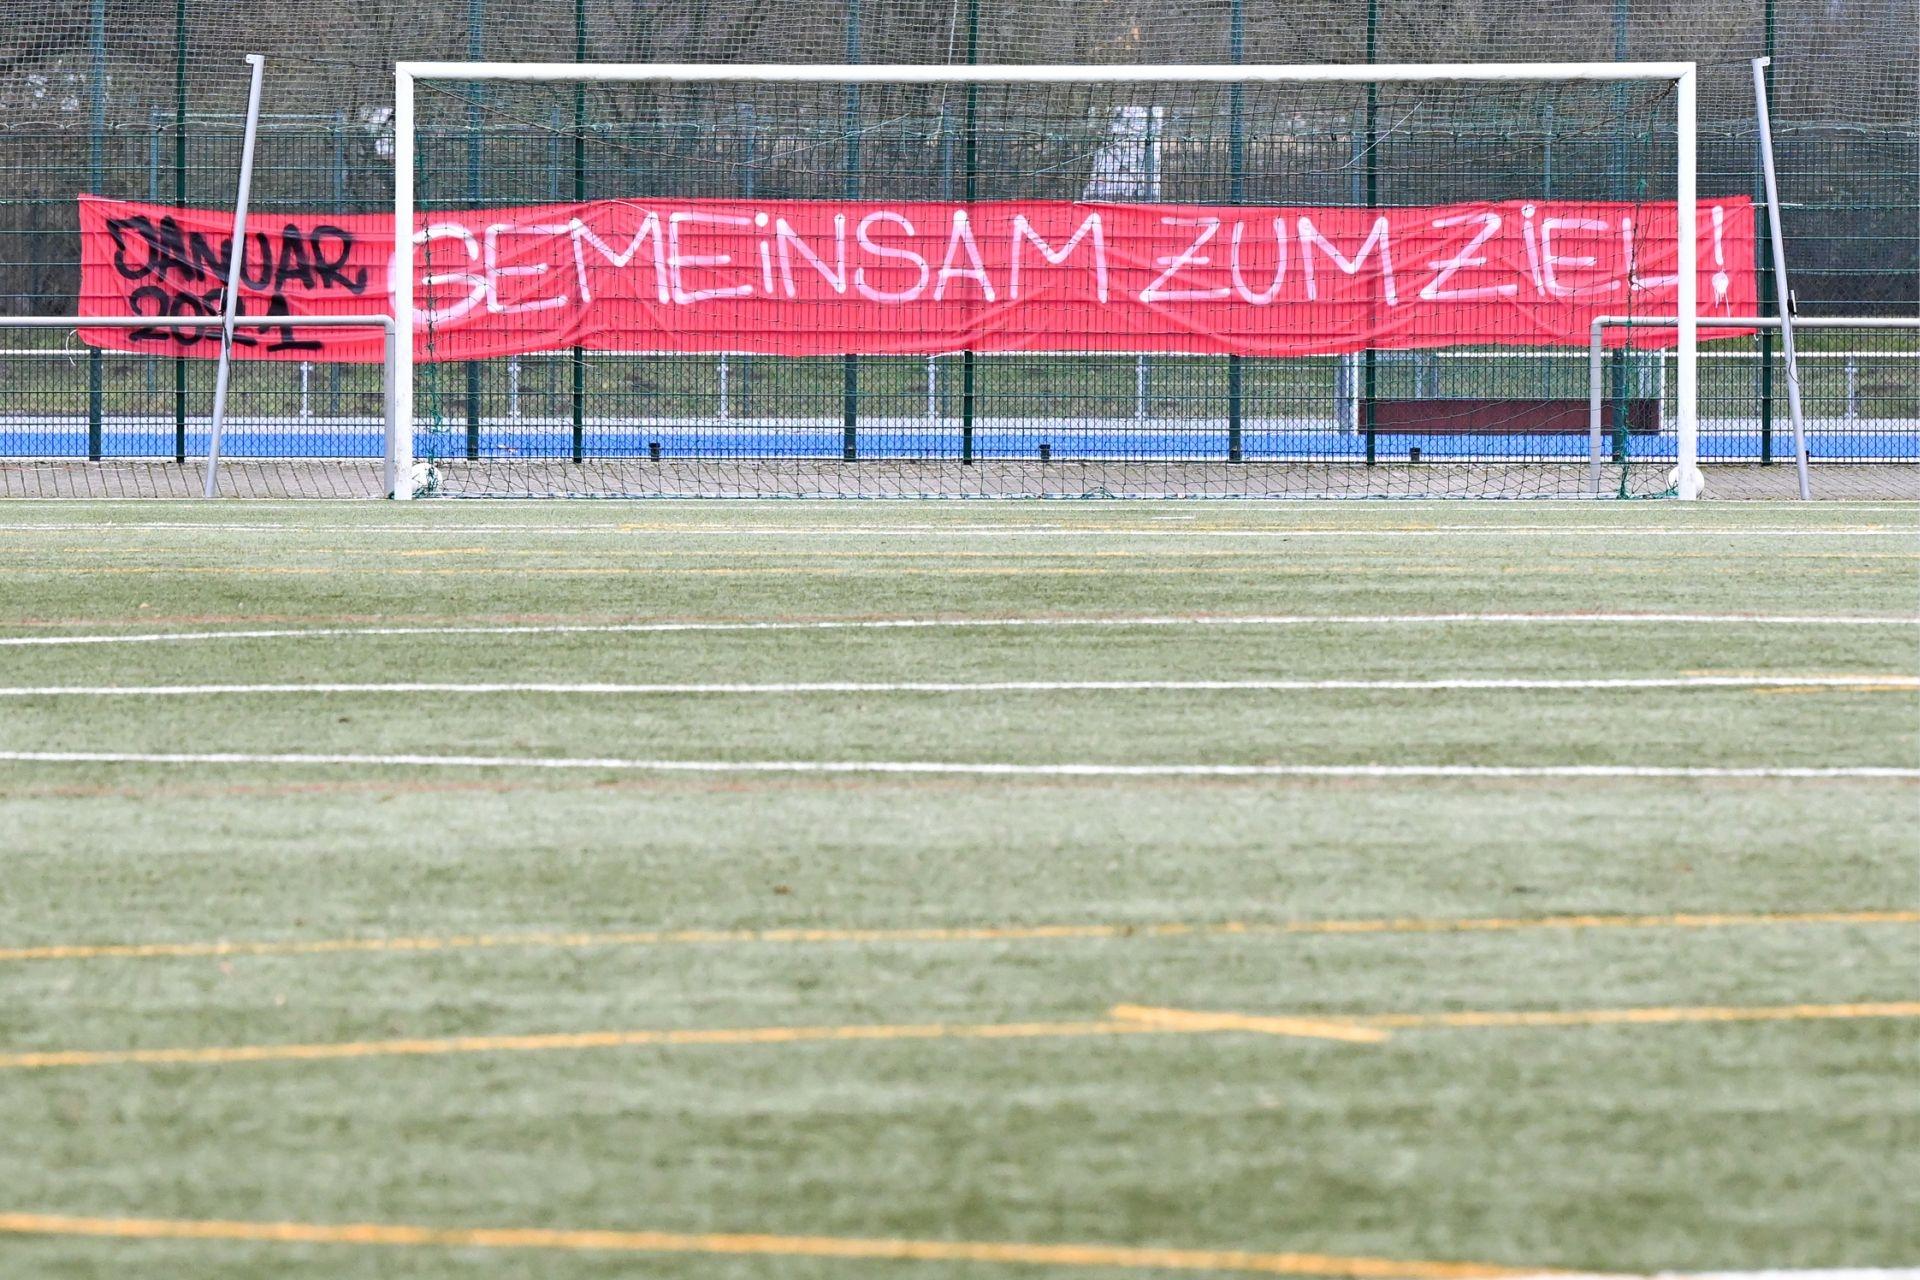 Regionalliga Südwest 2020/21, KSVHessen Kassel, FC Gießen, Endstand 1:1, Fanbanner, Spruchband